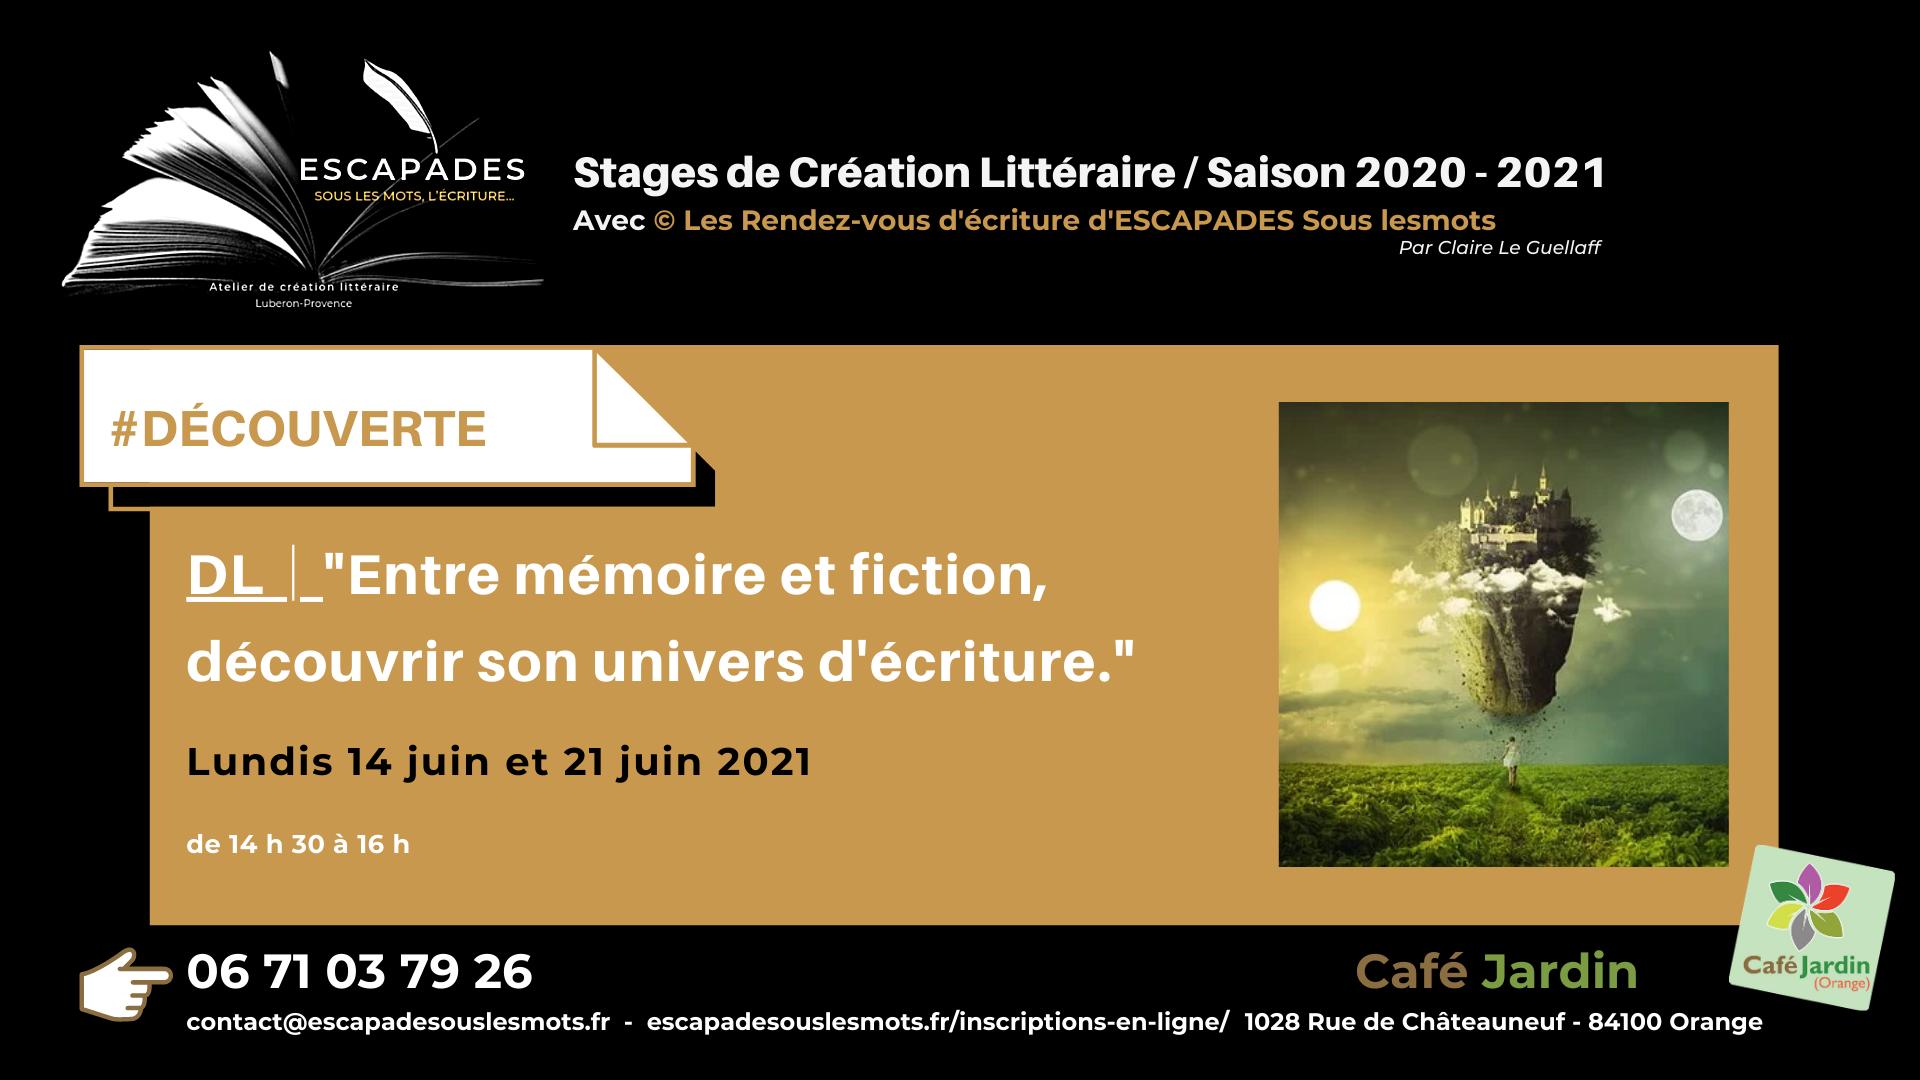 """#DÉCOUVERTE : """"Entre mémoire et fiction, découvrir son univers d'écriture."""" 14 et 21 juin 2021"""